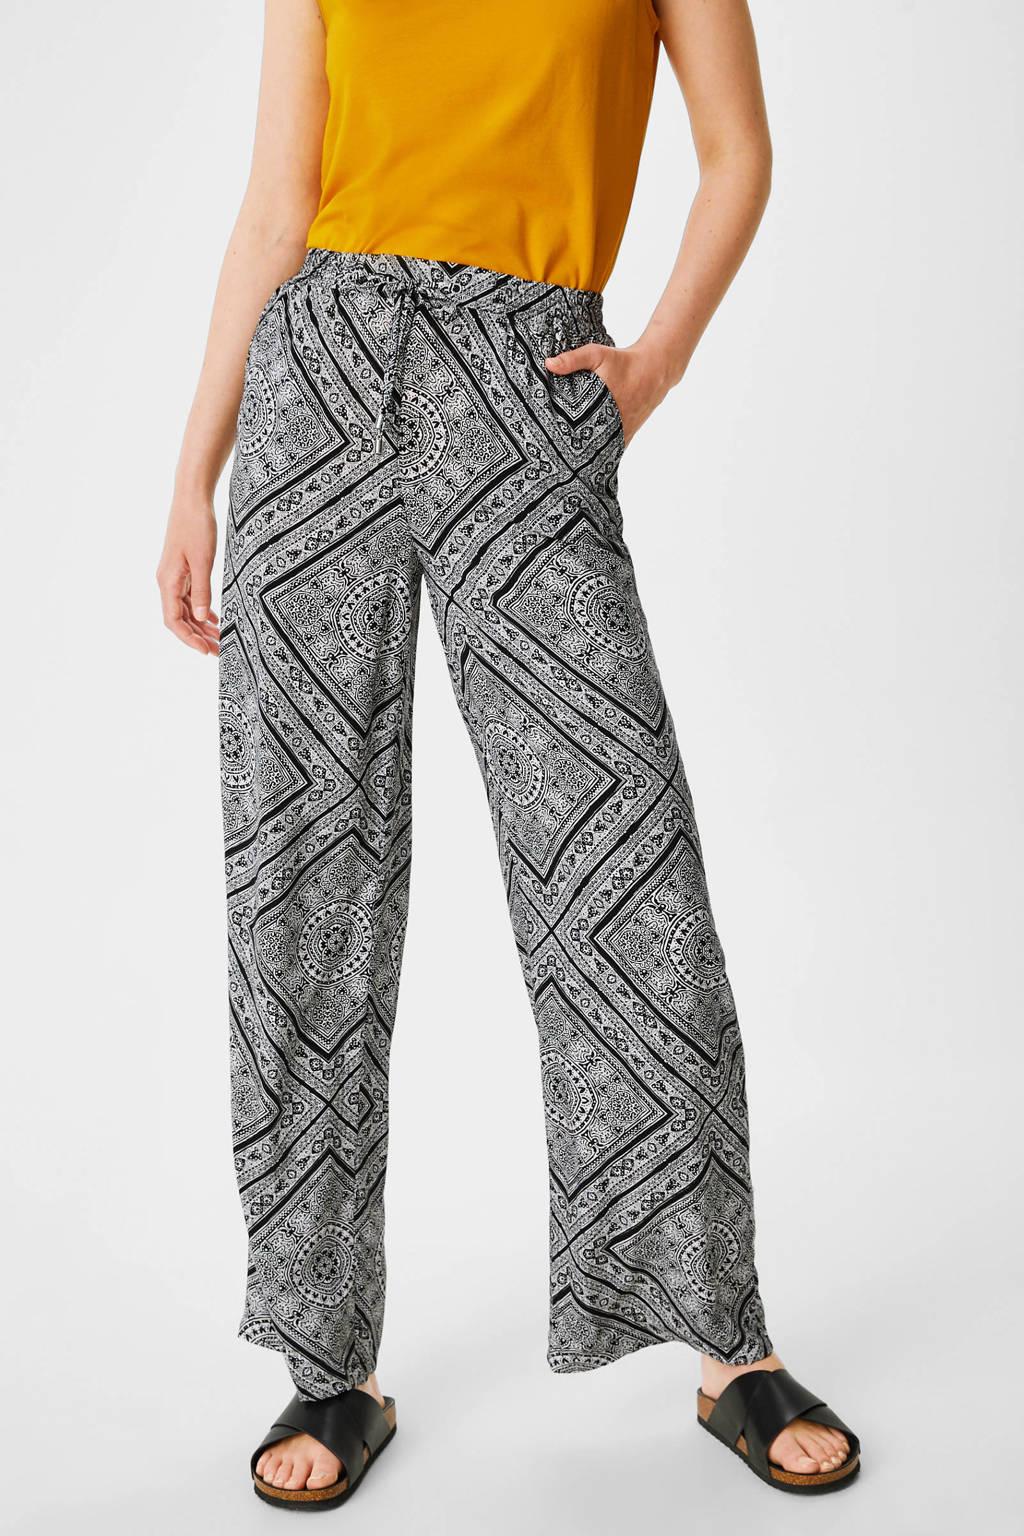 C&A Yessica wide leg palazzo broek met all over print zwart/wit, Zwart/wit